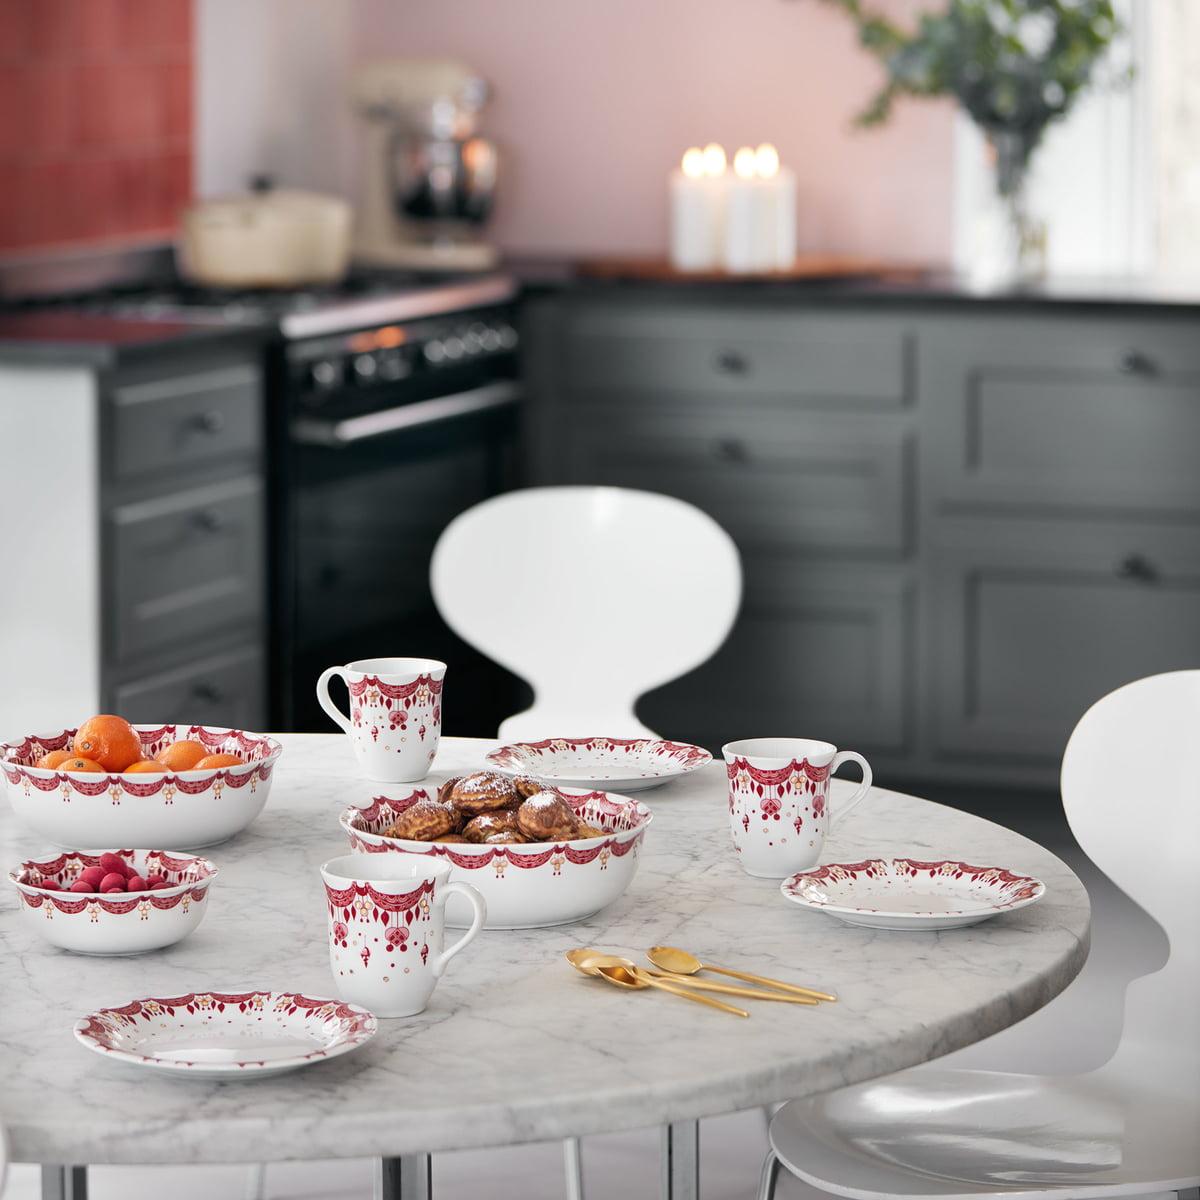 Christmas Tableware By Bjorn Wiinblad In The Shop